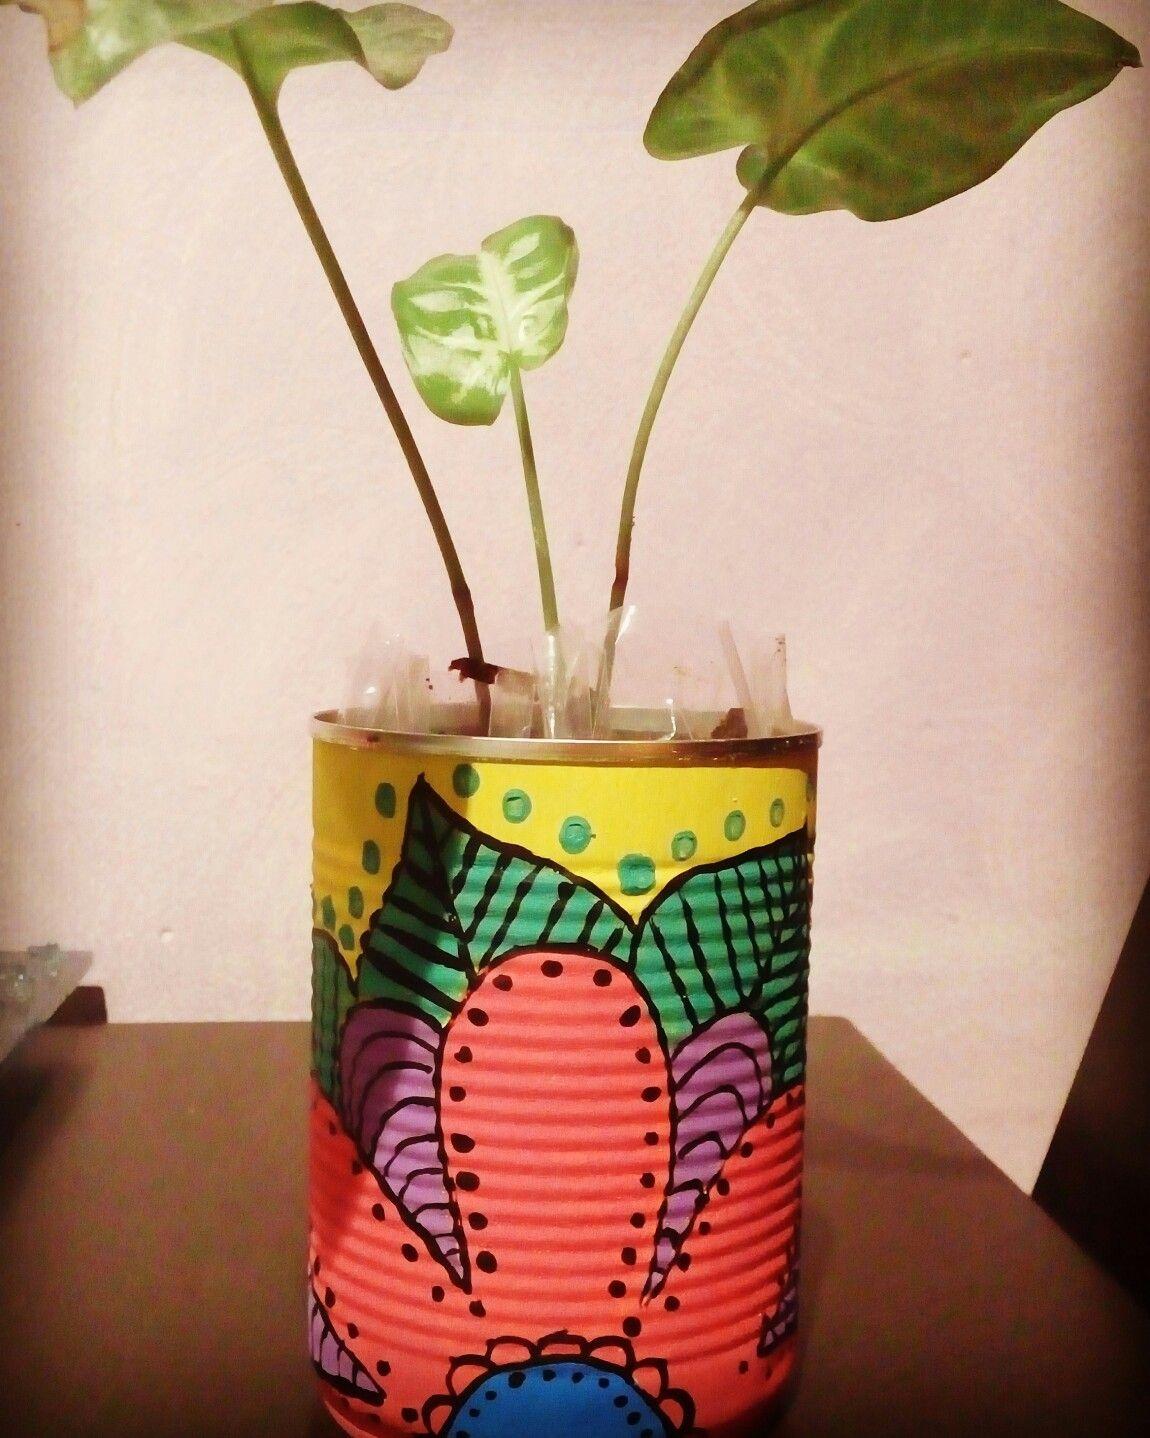 #mandala #maceta #planta #lata #maceta #colours #color #amopintar